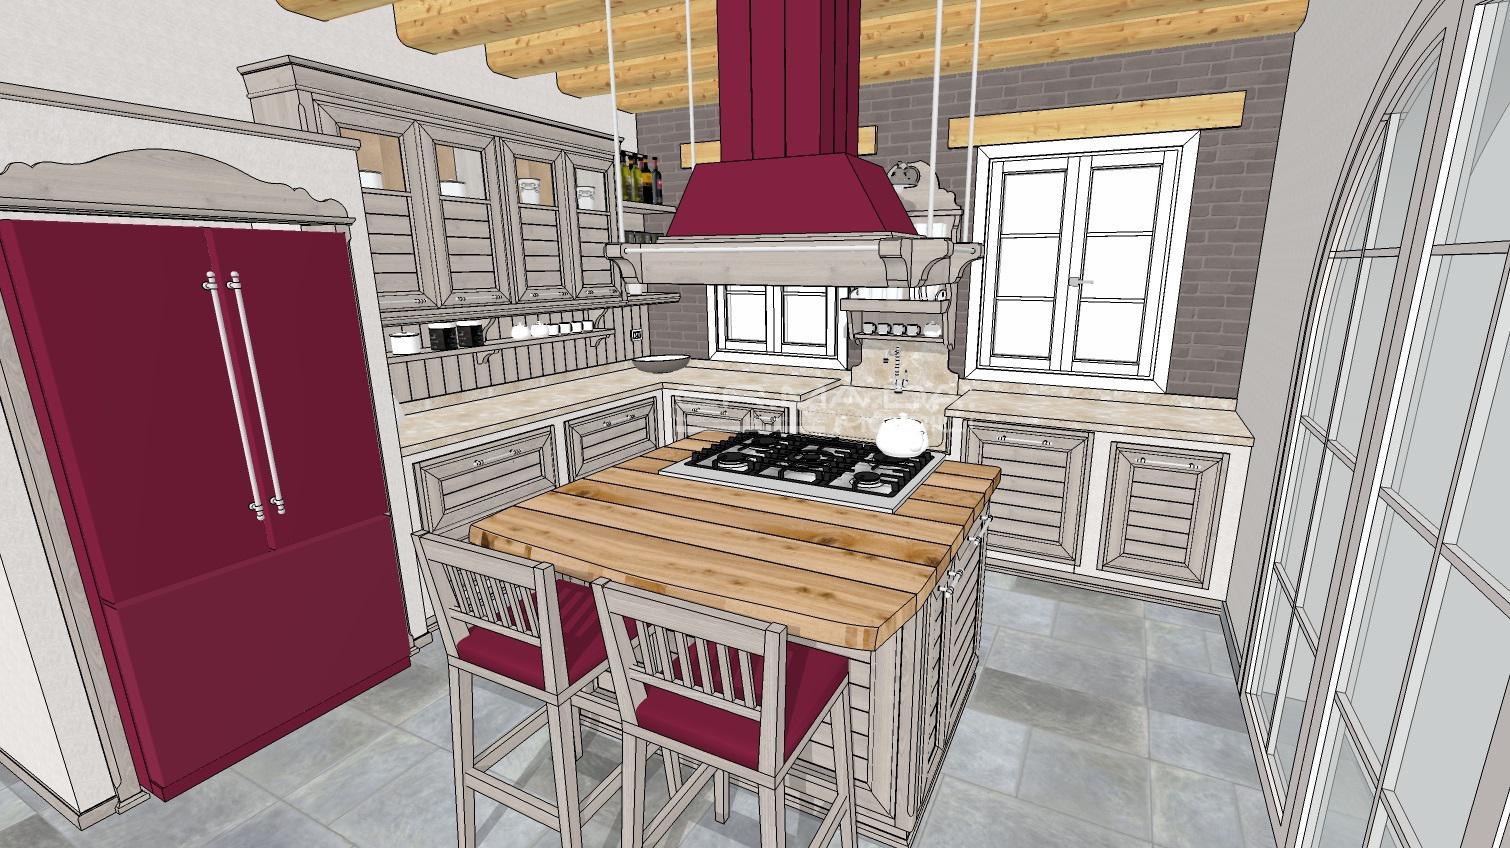 Cucina 17 er ma da mobilificio progetta e for Progetta i tuoi mobili online